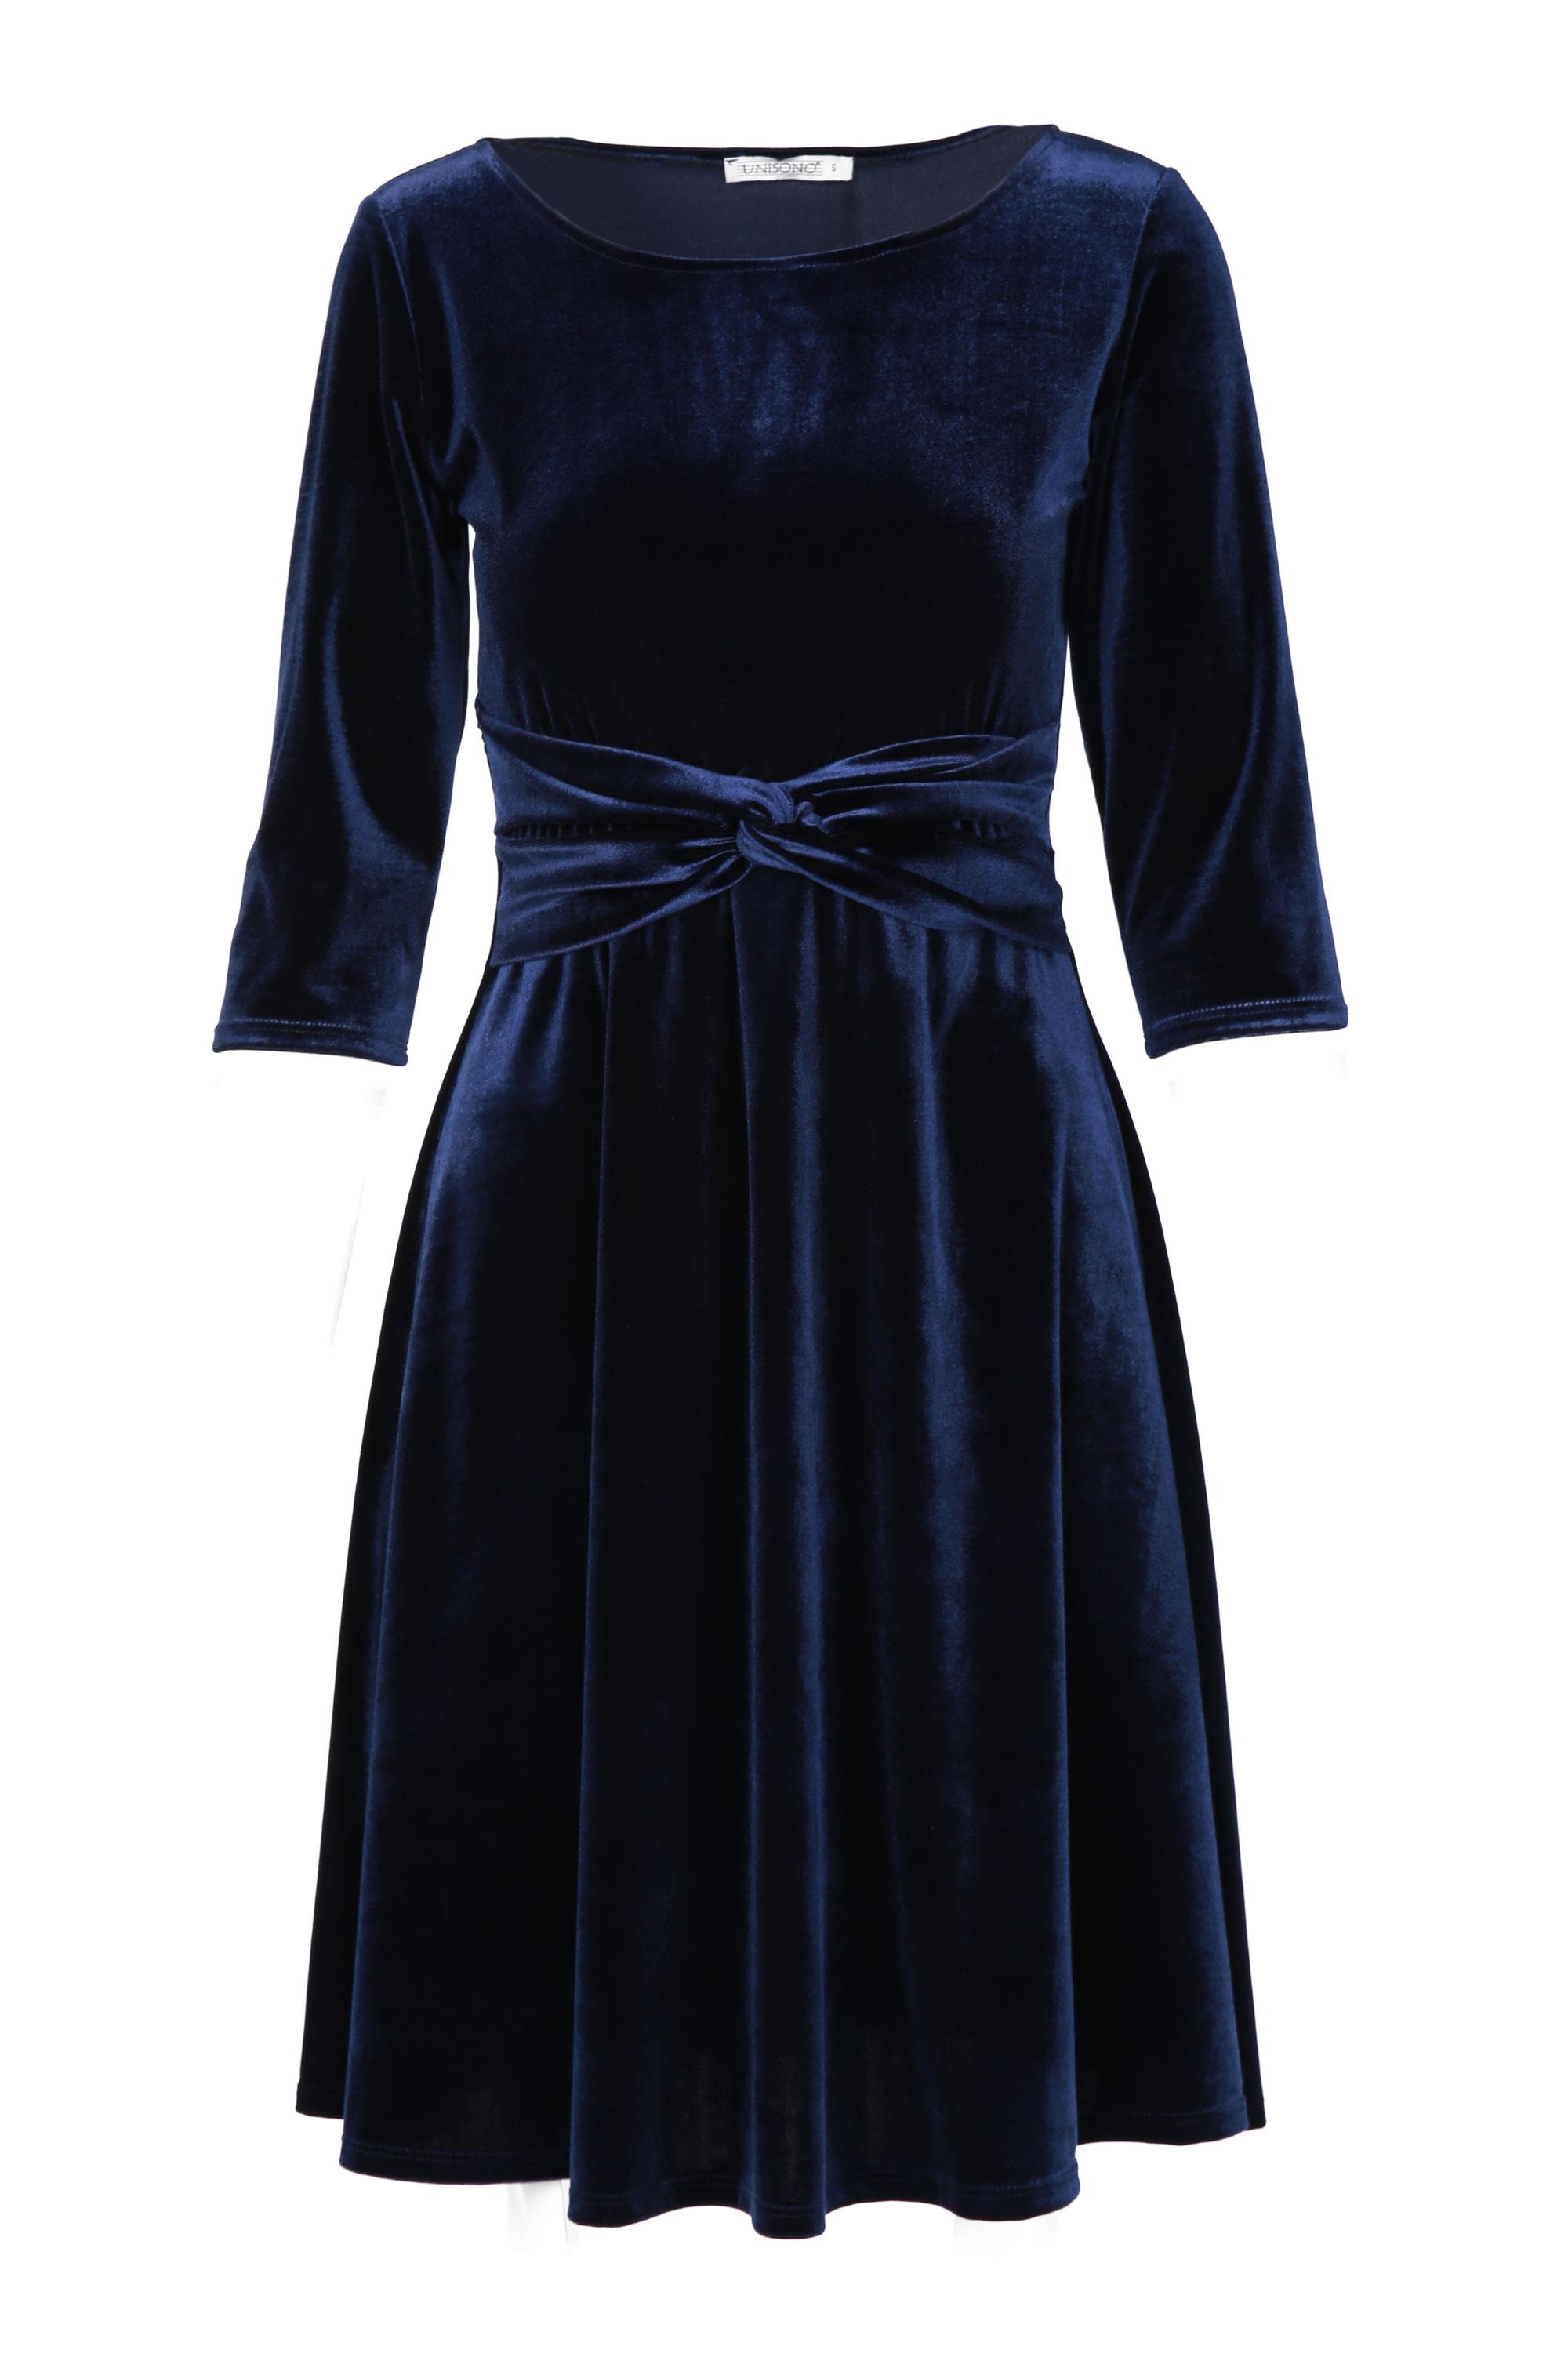 Sukienka - 46-23043U BLU - Unisono